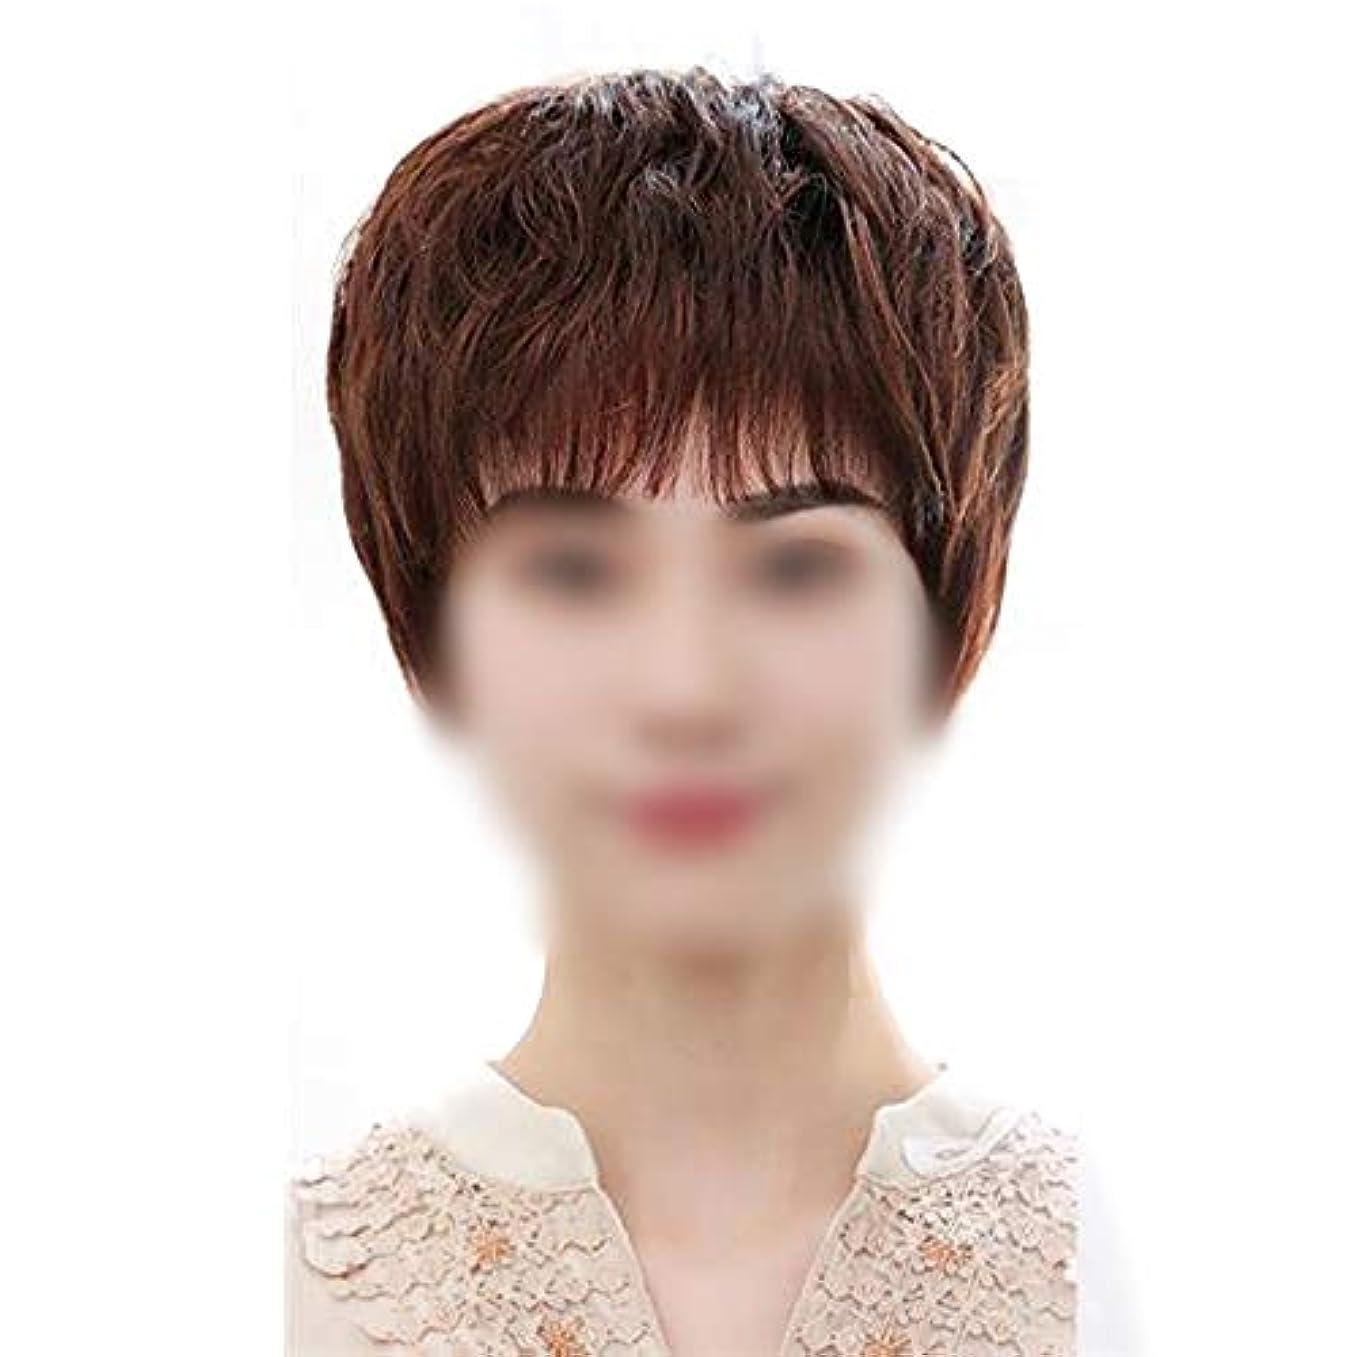 悲惨突然観点YOUQIU 前髪のフル手織りファッション中年ウィッグウィッグでヒトの毛髪の女子ショートカーリーヘアのフル (色 : Dark brown)